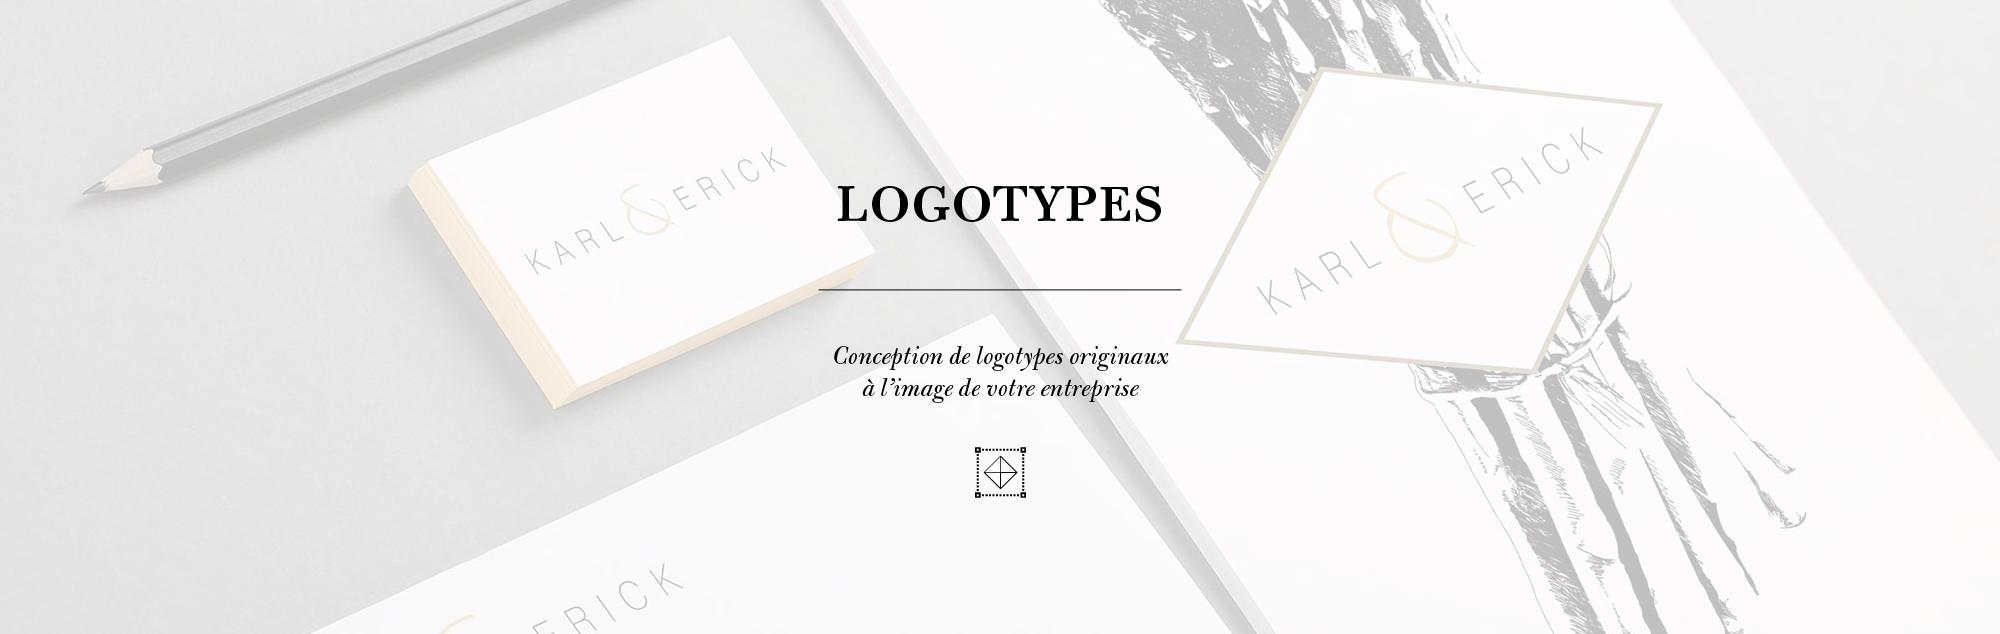 Bannière_générale4-logotypes8-2